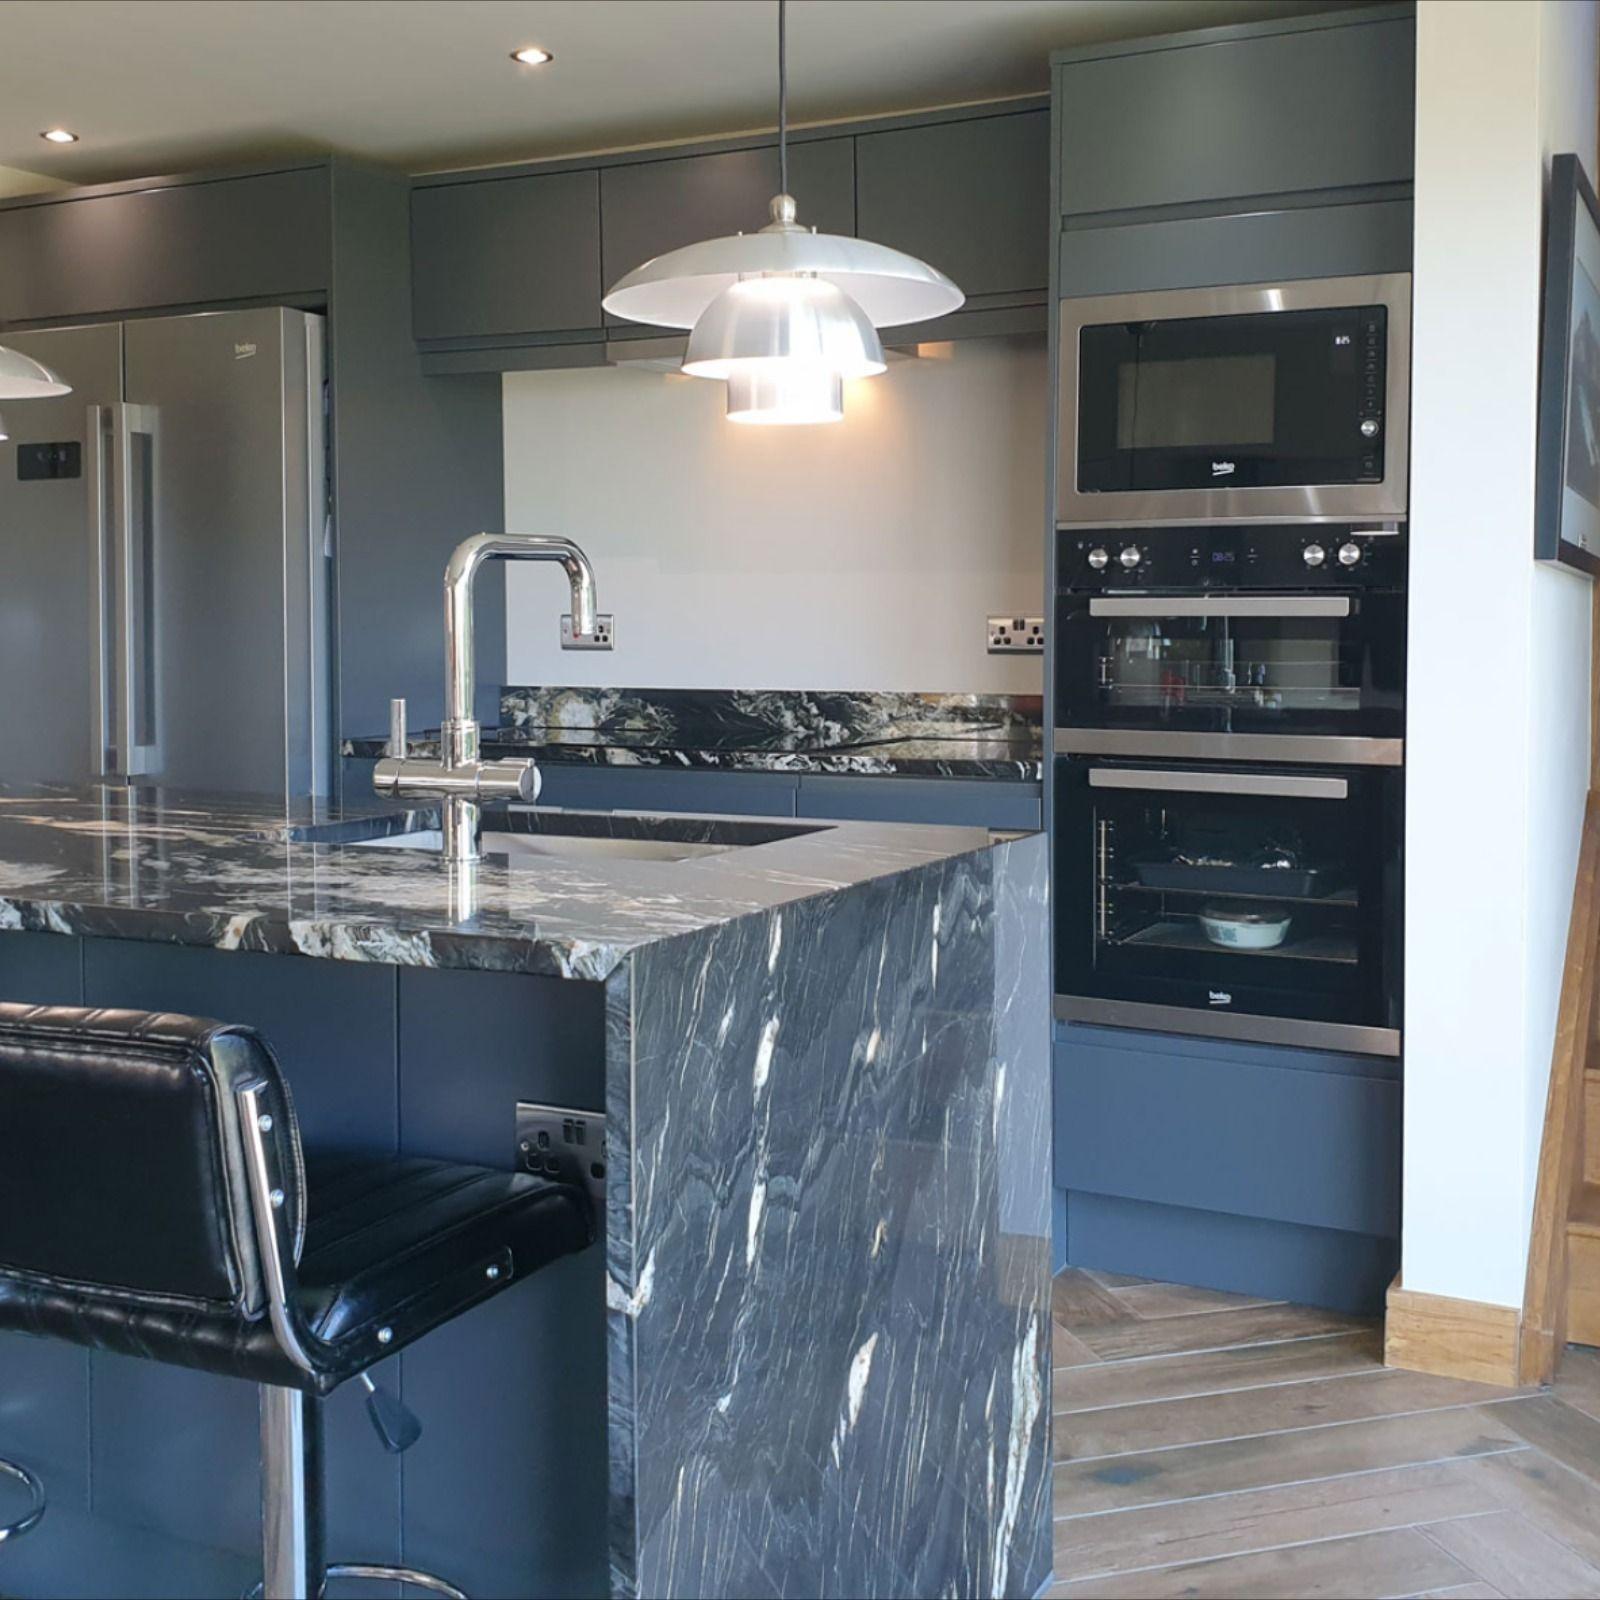 Luca Matt Carbon in 2020 Cheap kitchen units, Handleless